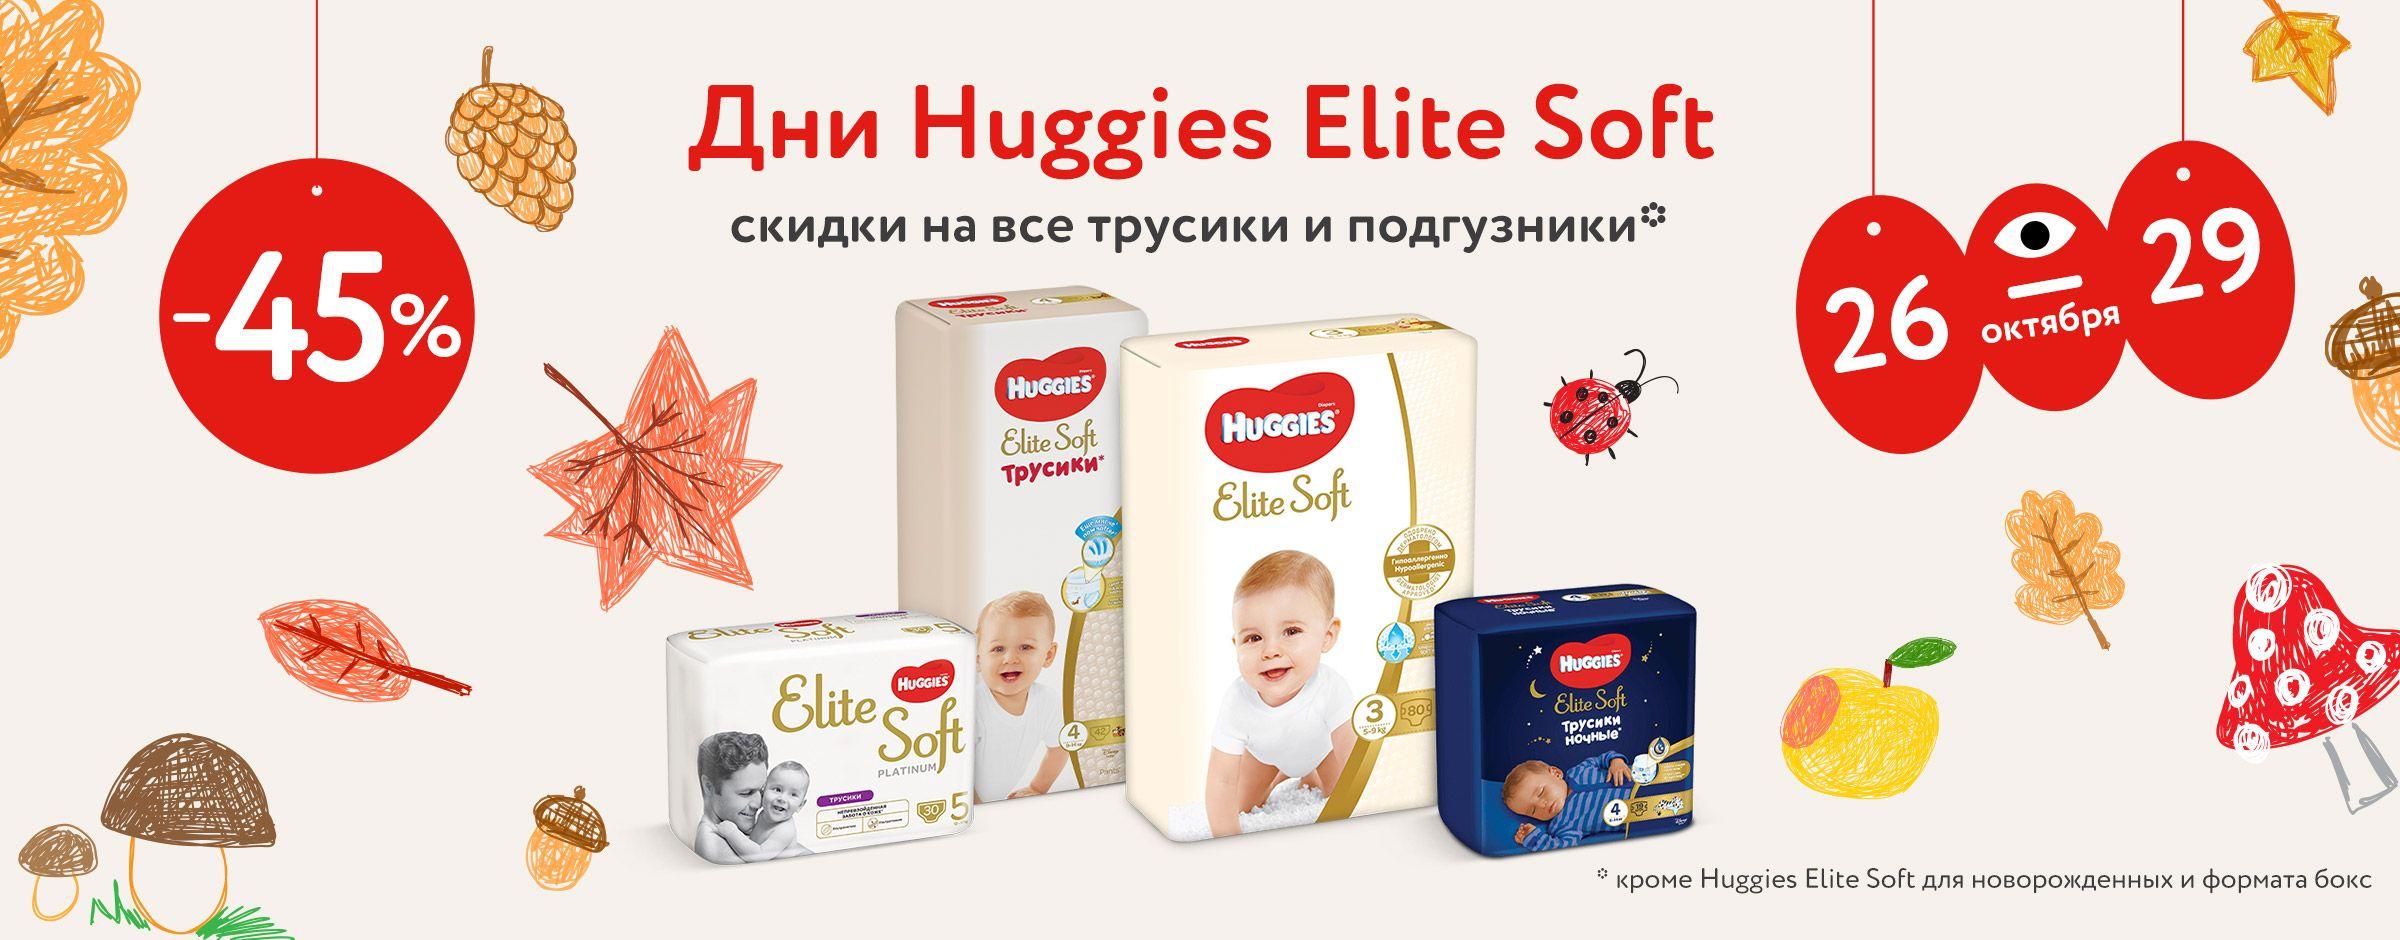 45% на трусики и подгузники Huggies Elite soft